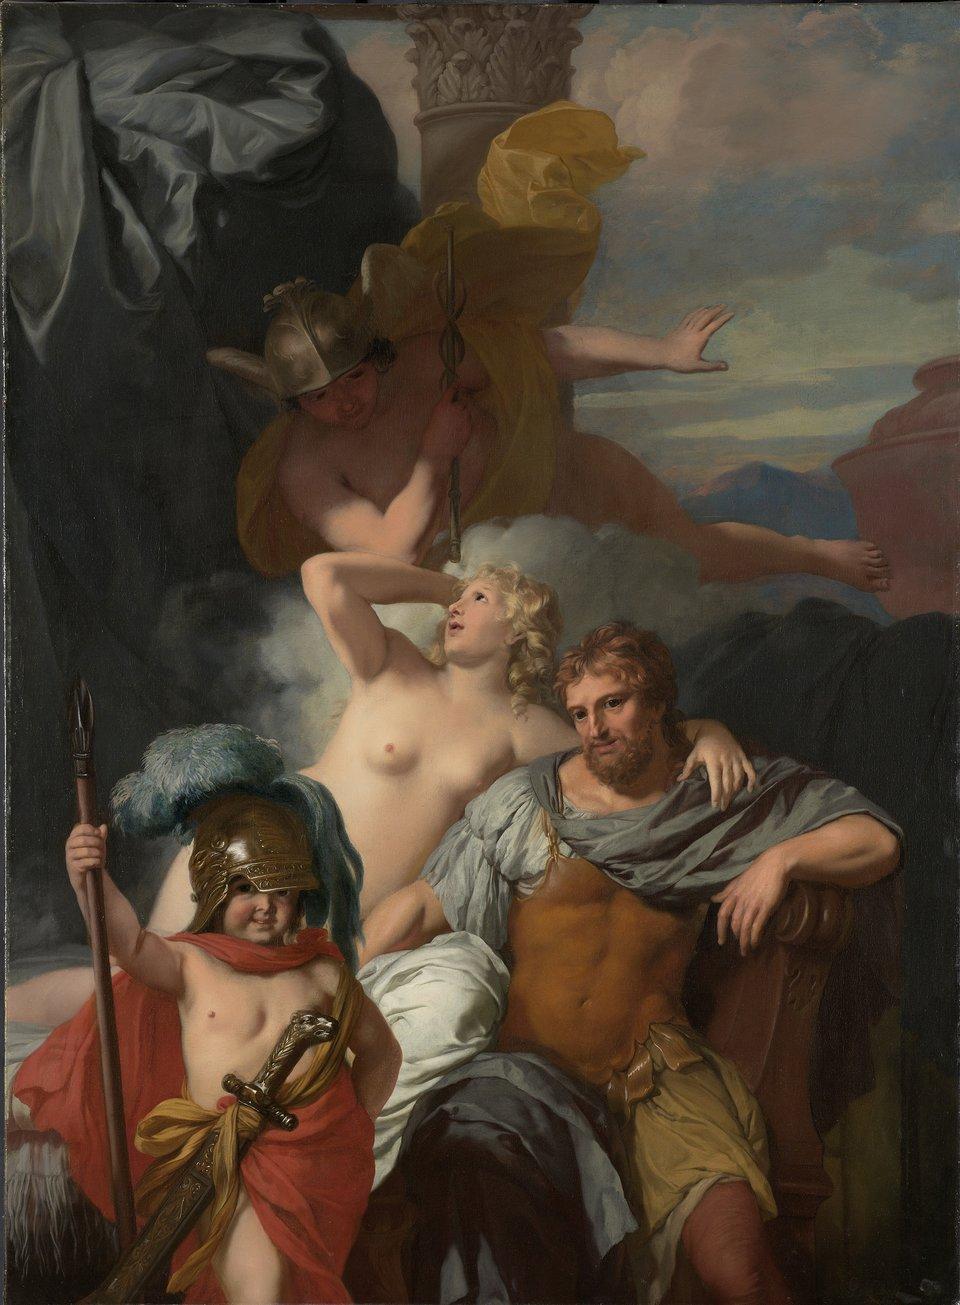 Odyseusz iKalipso Źródło: Gérard de Lairesse, Odyseusz iKalipso, 1678–1672, Rijksmuseum, Amsterdam, domena publiczna.